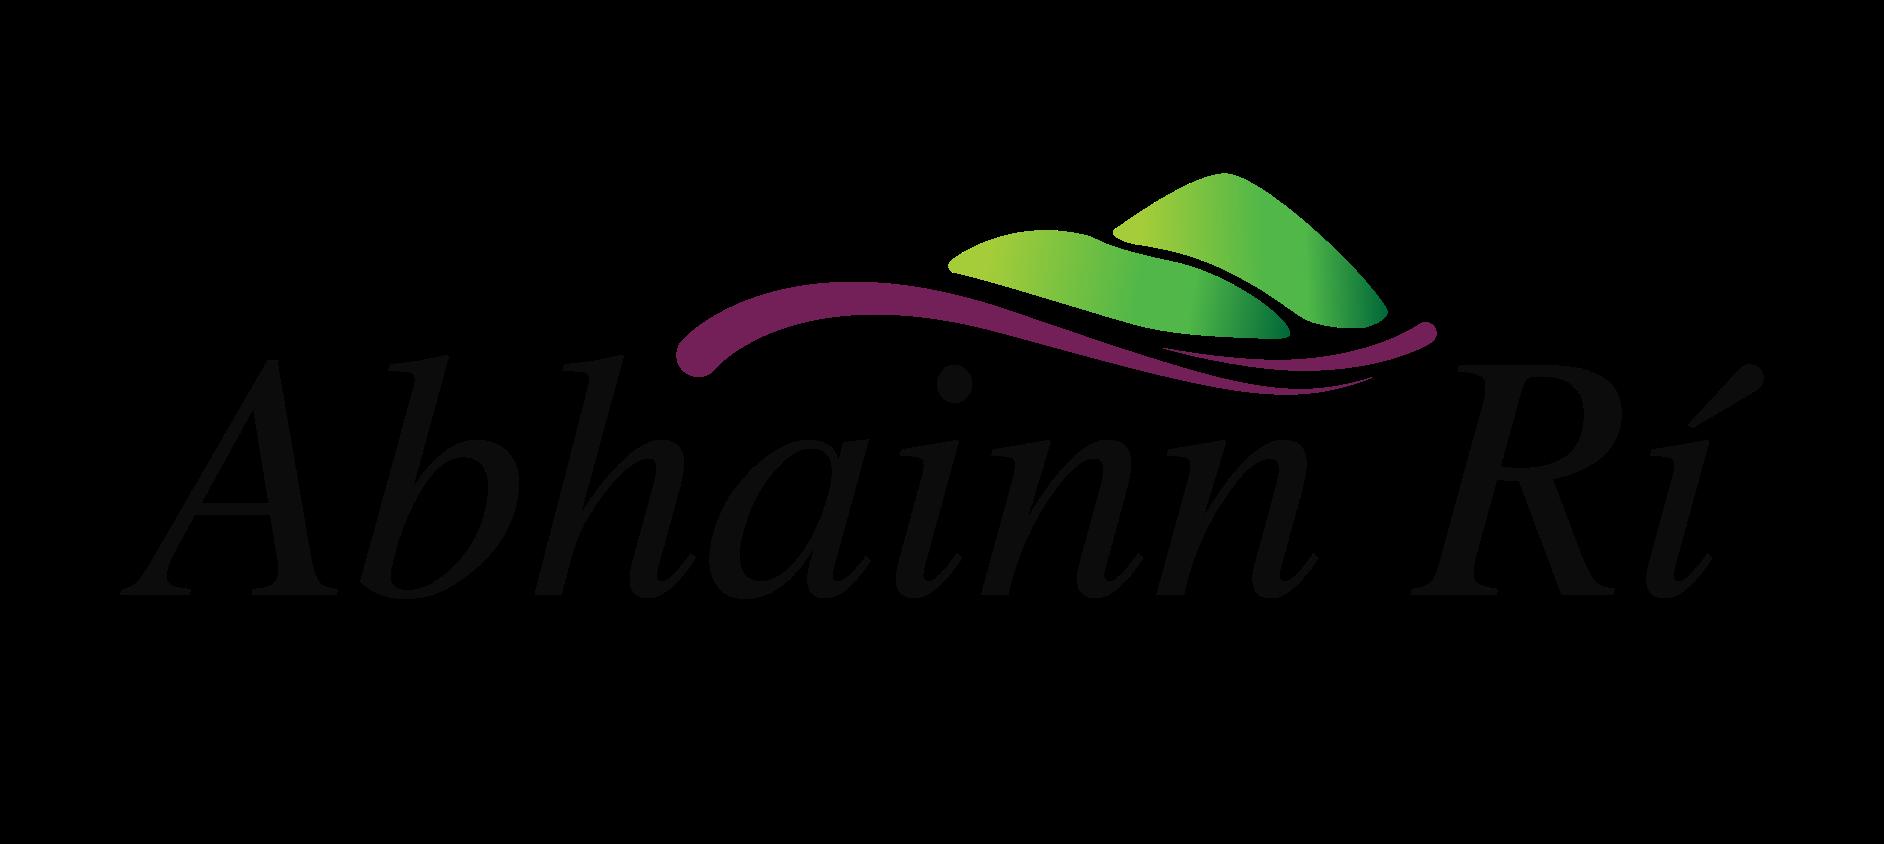 Abhainn Rí Bed & Breakfast Logo